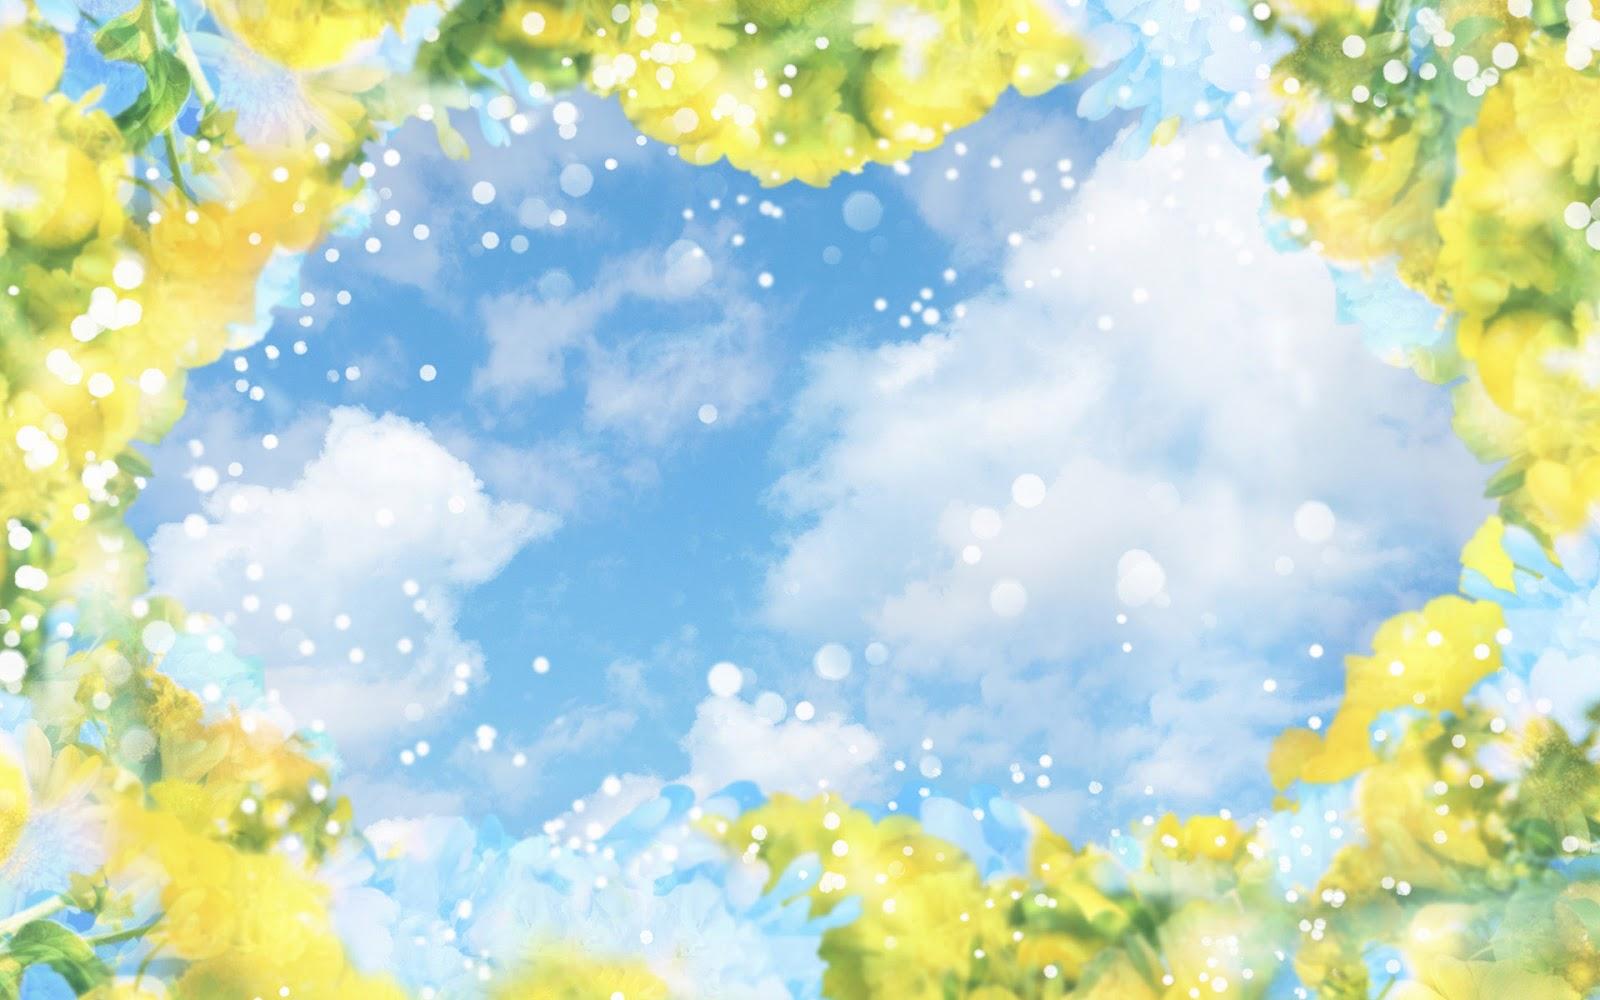 http://2.bp.blogspot.com/-luqspz_s6Vo/T8zE_zoassI/AAAAAAAAEgY/AfxjFulsUNI/s1600/Flower-wallpaper-24.jpg